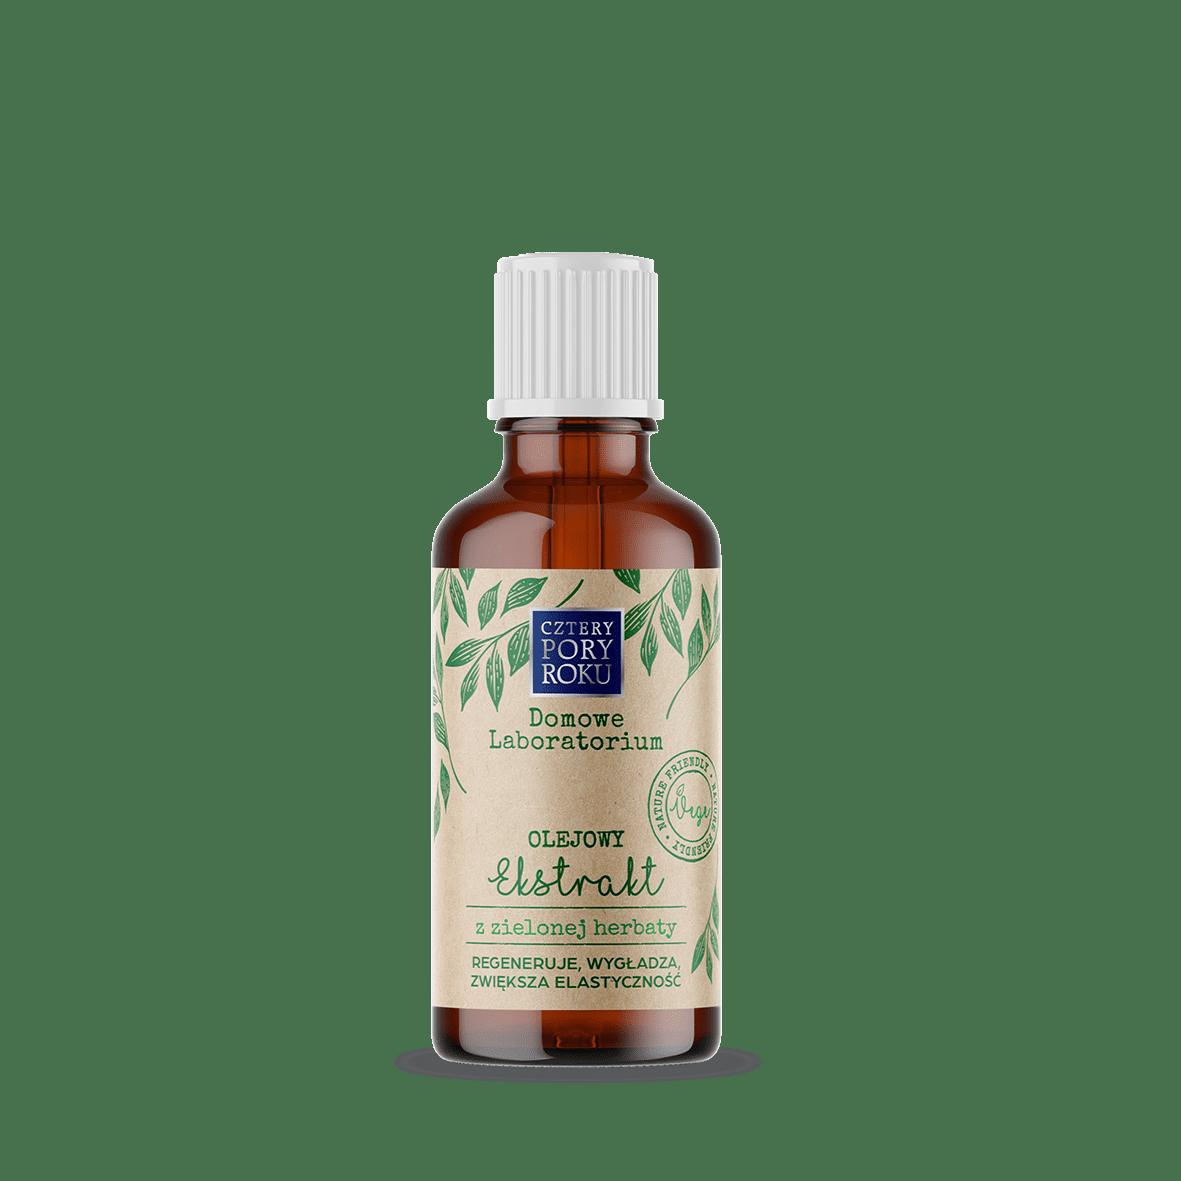 cztery-pory-roku-kosmetyki-ekstrakt-z-zielonej-herbaty_optimized